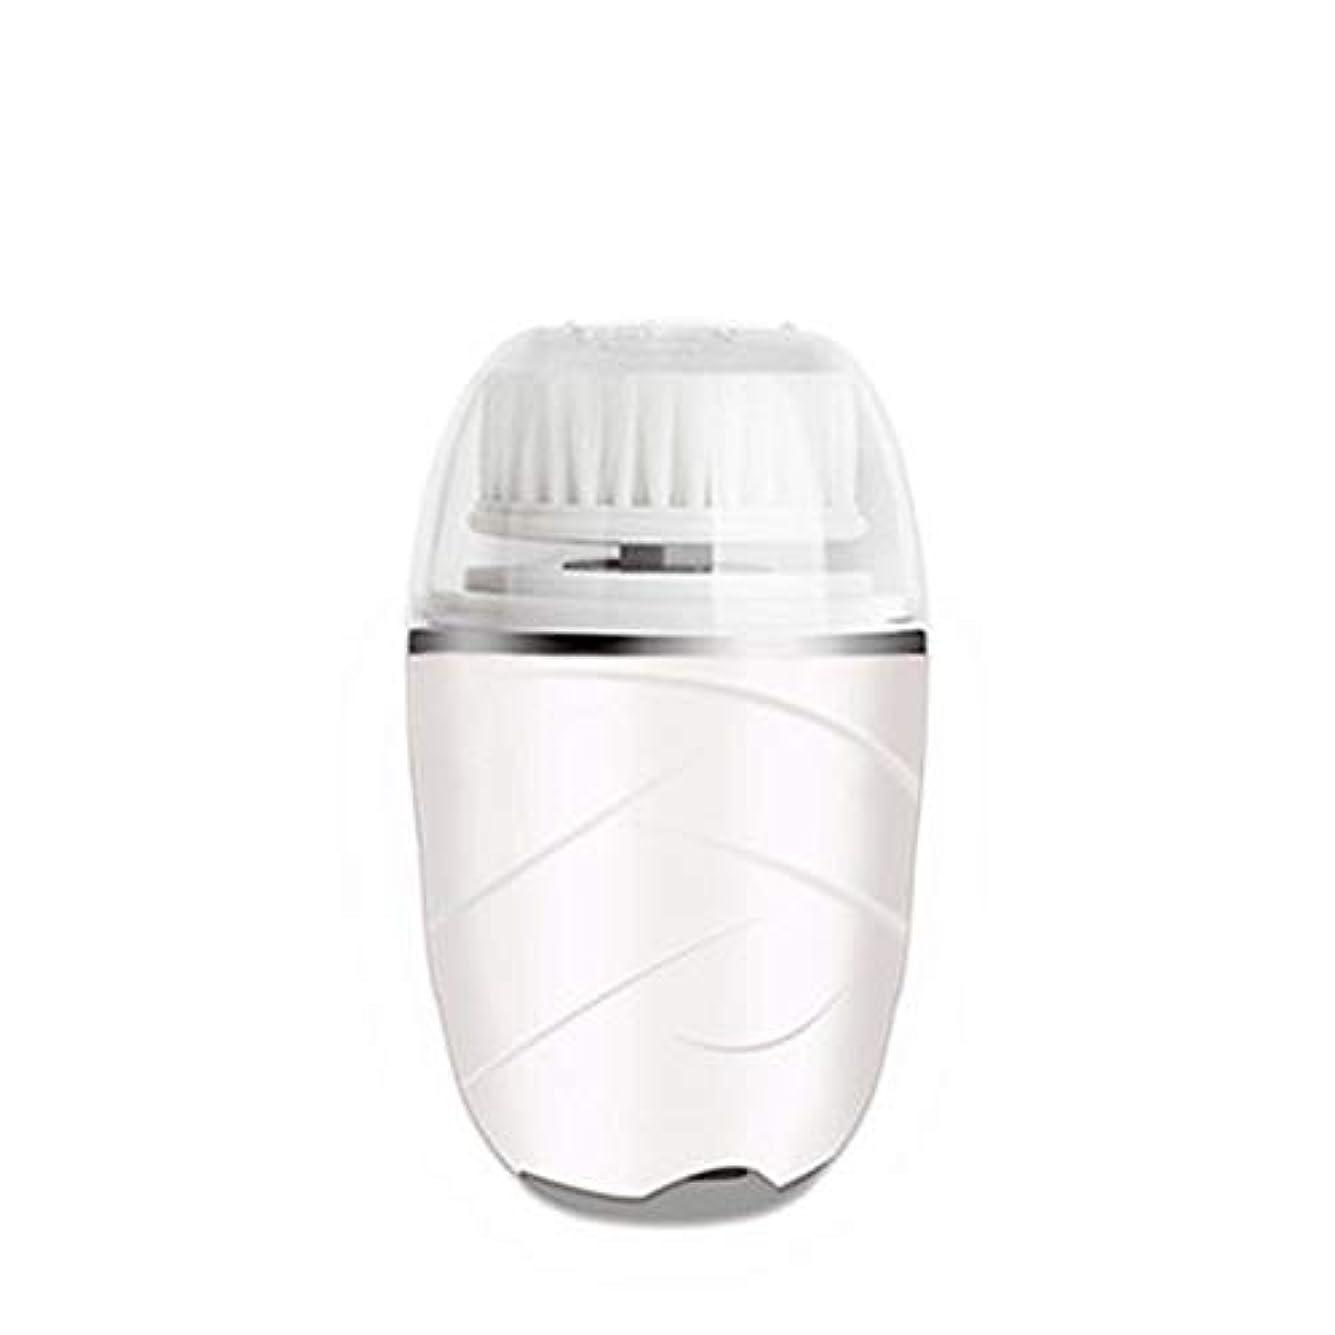 火山学ルアーパラダイスHEHUIHUI- クレンジングブラシ、防水ディープクレンジングポア、電気剥離、にきび、アンチエイジングクレンジングブラシ(ピンク) (Color : White)